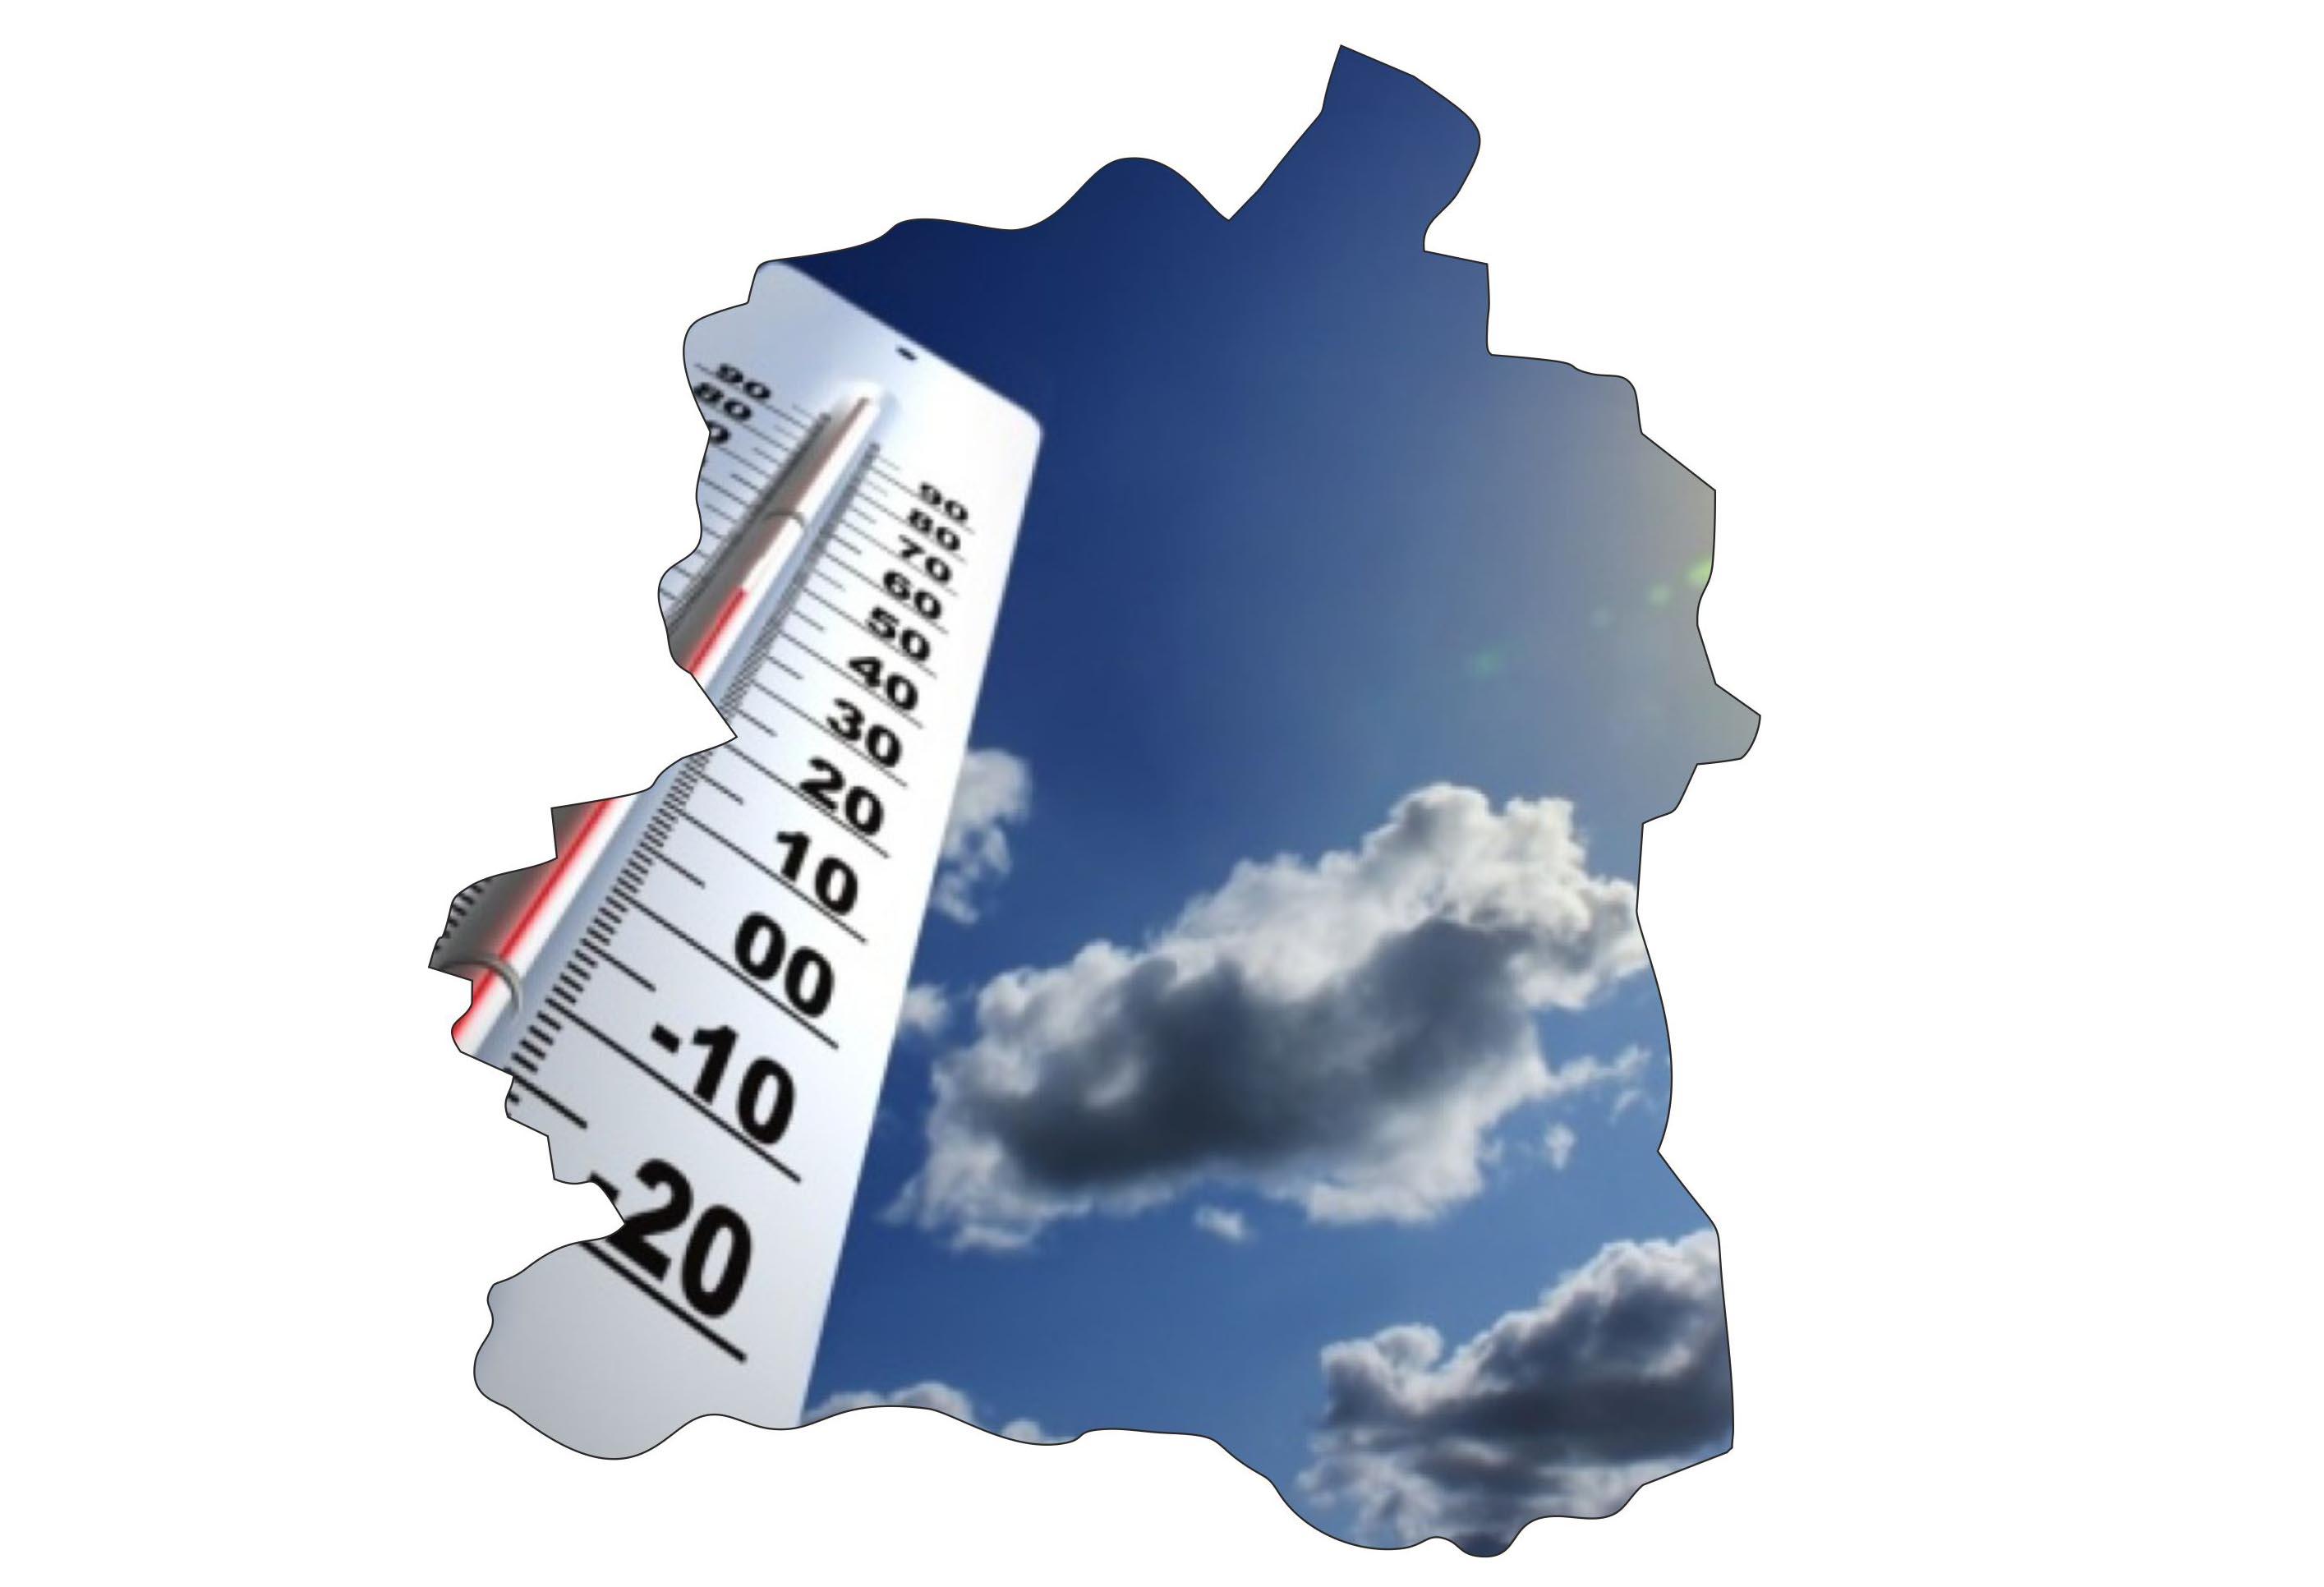 Prognoza meteo pentru Teleorman. Temperaturi mai mari decât în